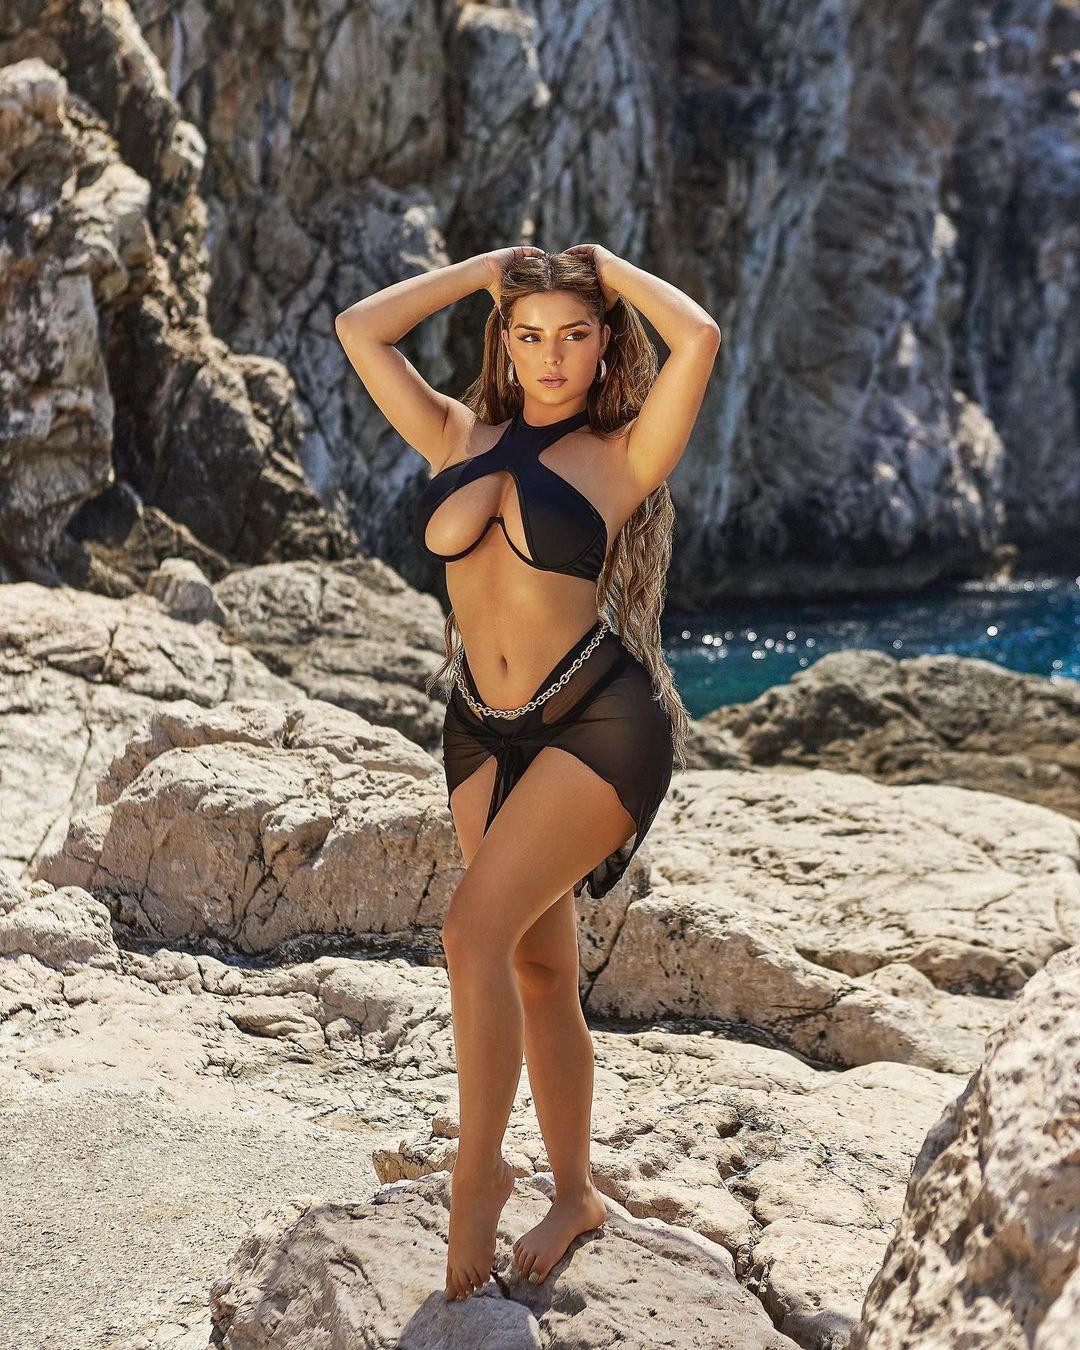 Demi Rose yine yürek hoplattı... Turuncu bikinisiyle hayranlarını mest etti! - Sayfa 3